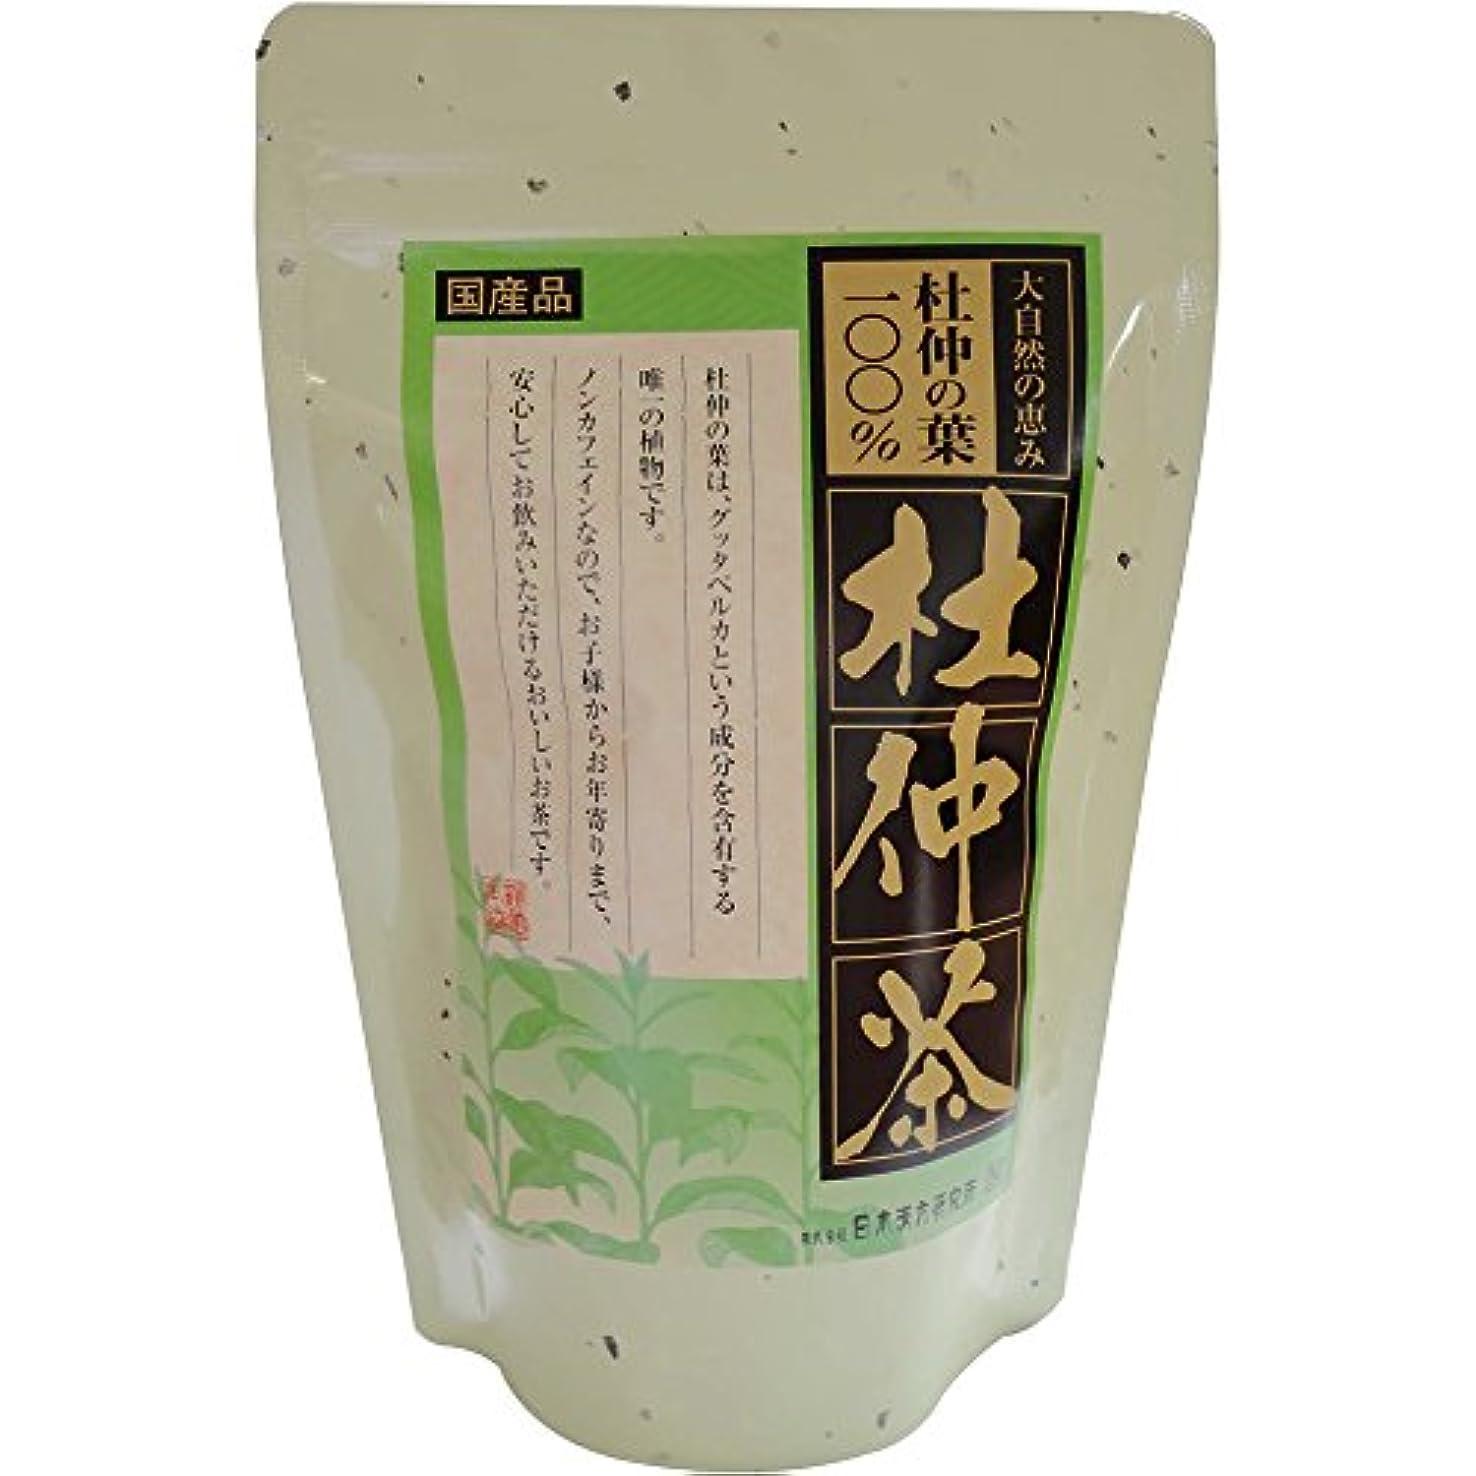 口径渦平日杜仲茶100%(国産品) 2g×30包入